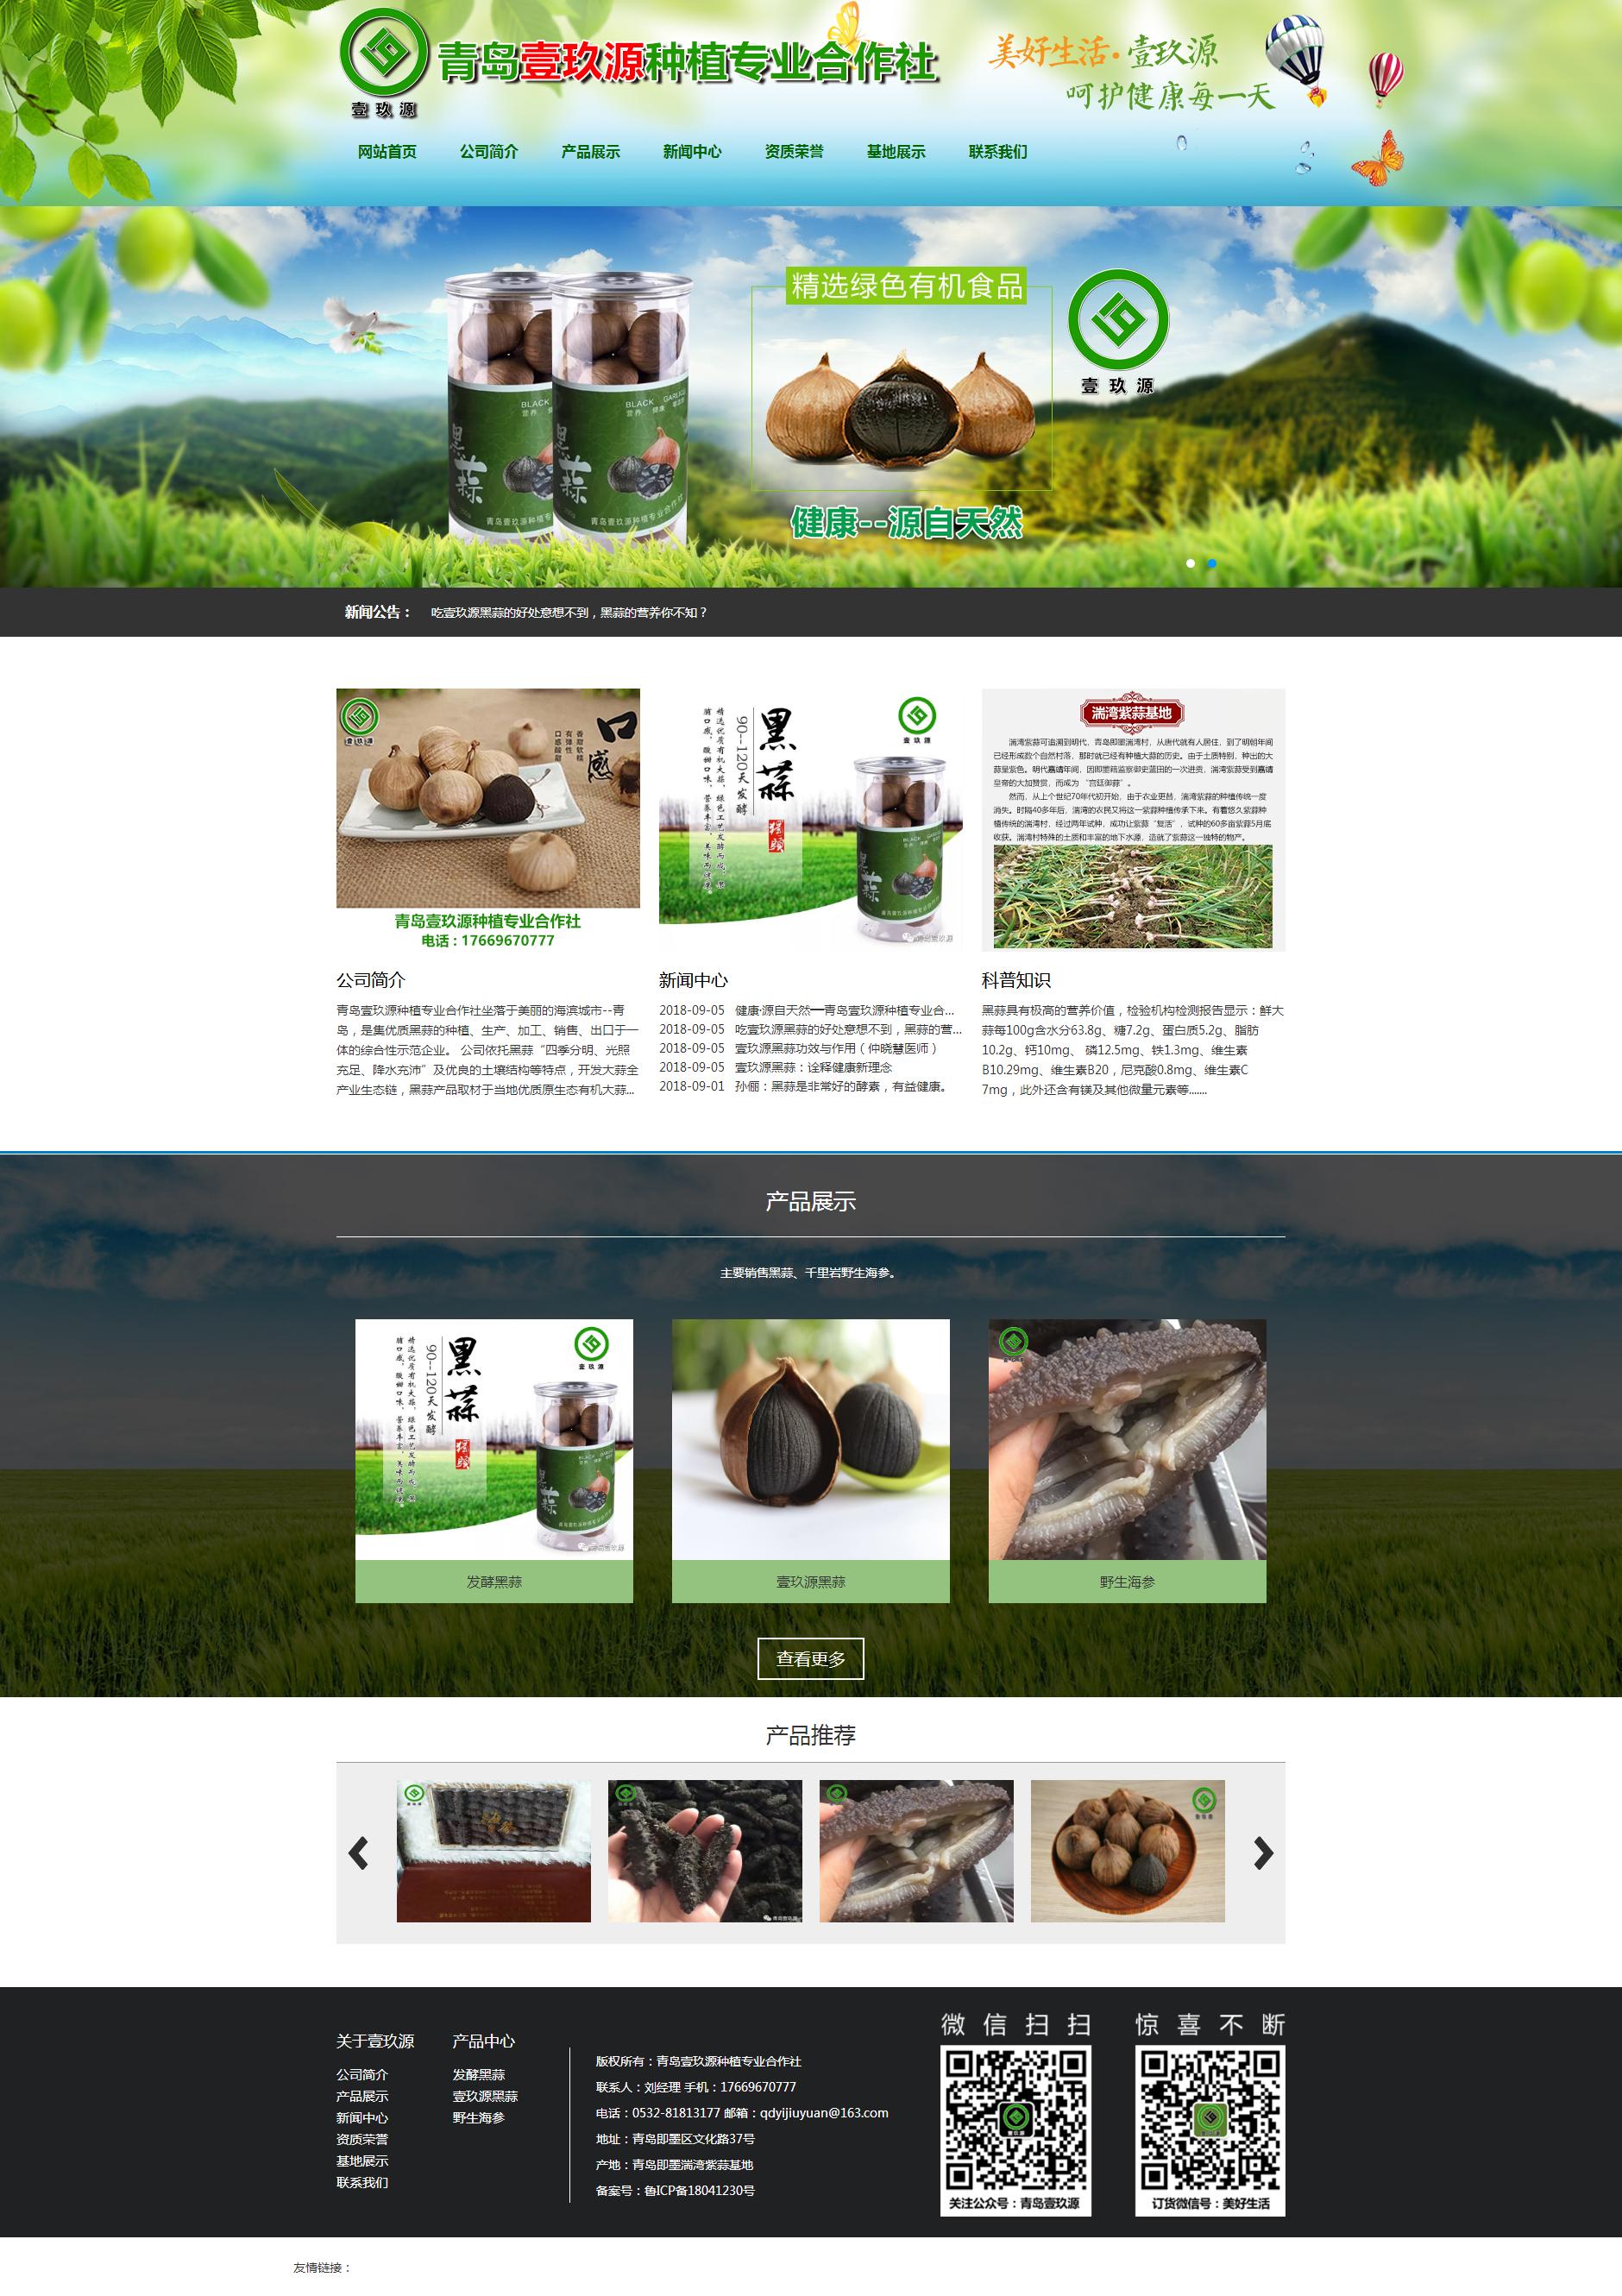 聚辉网络种植业网站案例展示——青岛壹玖源种植专业合作社